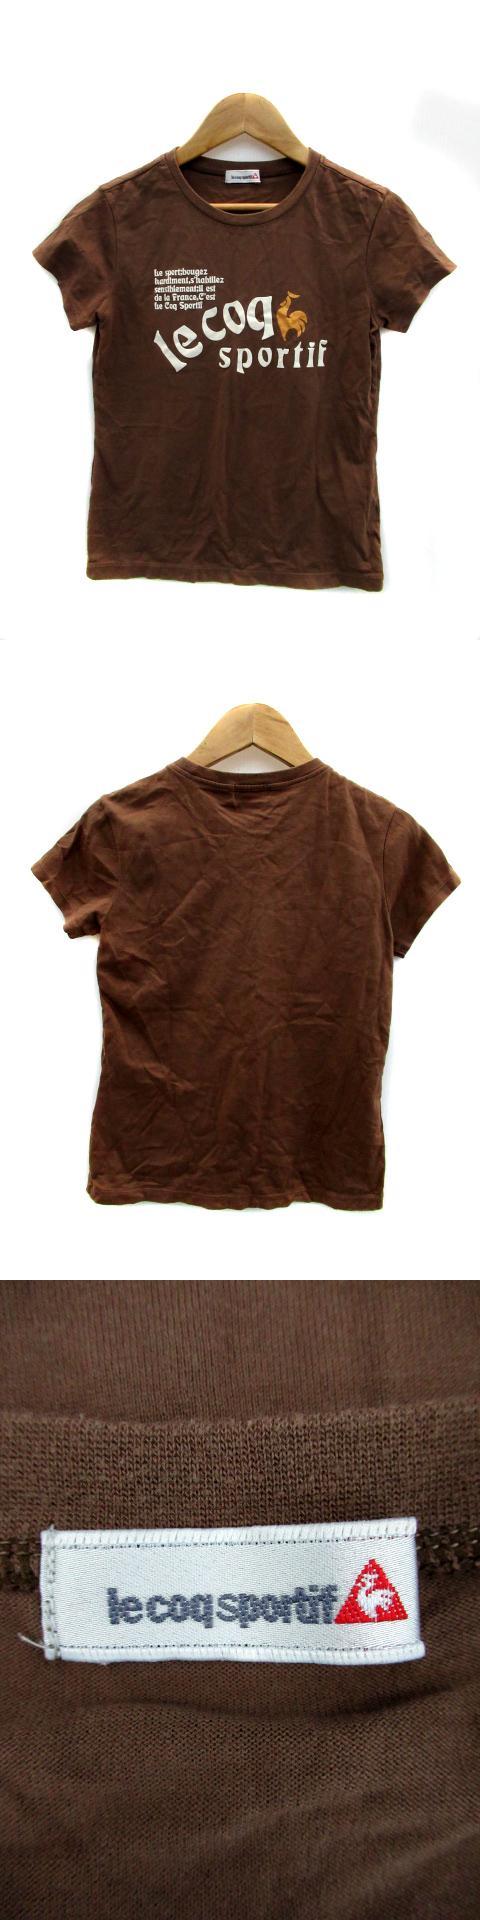 Tシャツ カットソー 半袖 ラウンドネック ロゴブリント M 茶 ブラウン /SY13